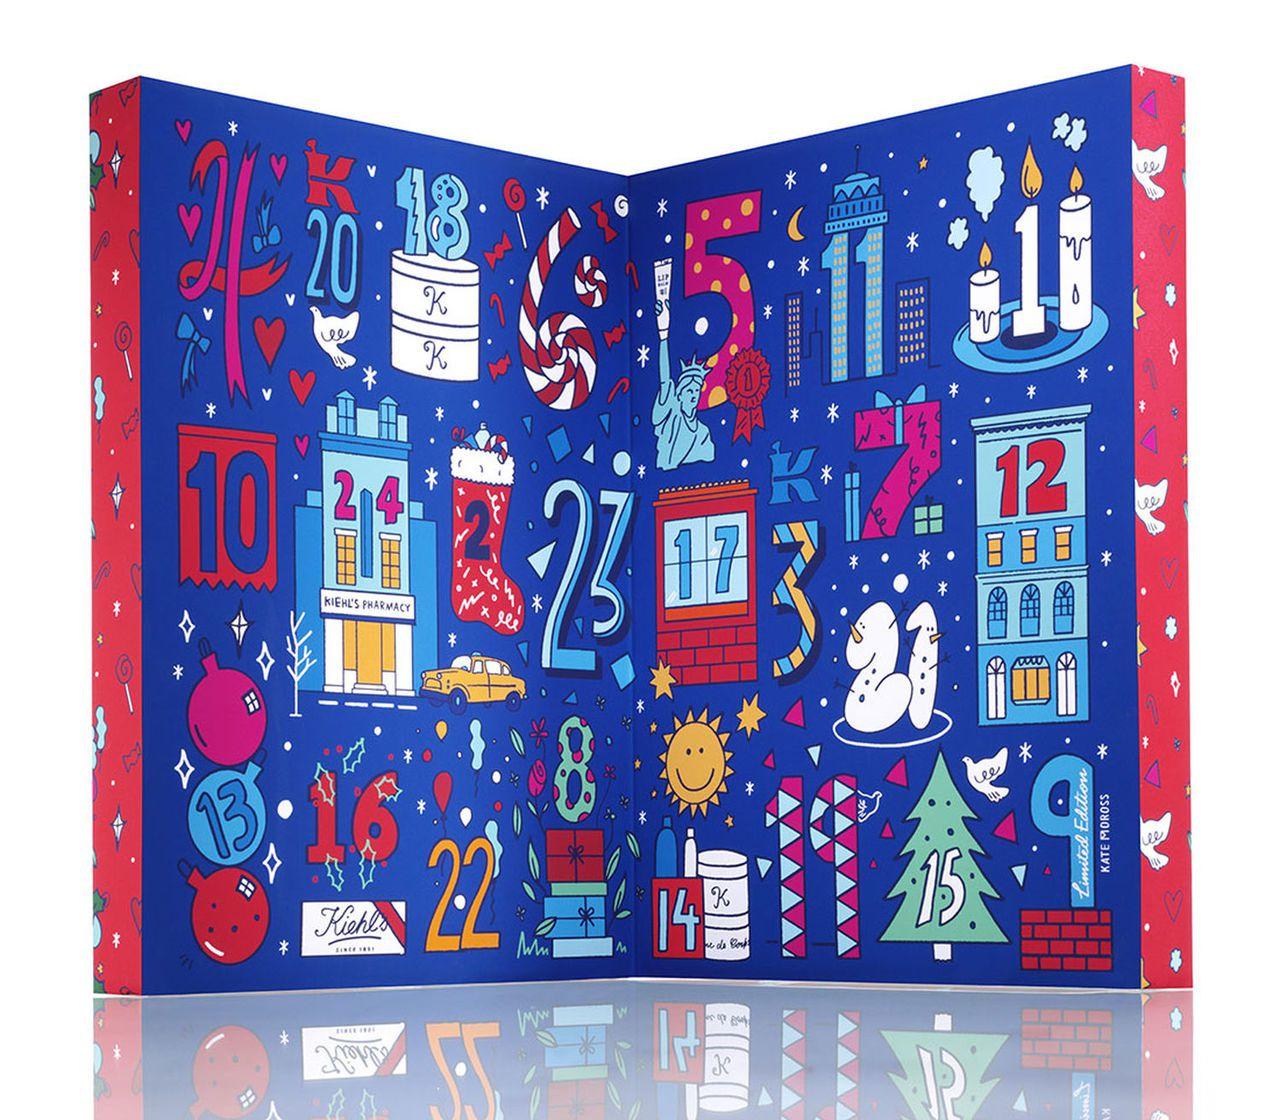 今年度耶誕倒數月曆大豐收,有百花齊放的盛況。圖/Kiehl's提供